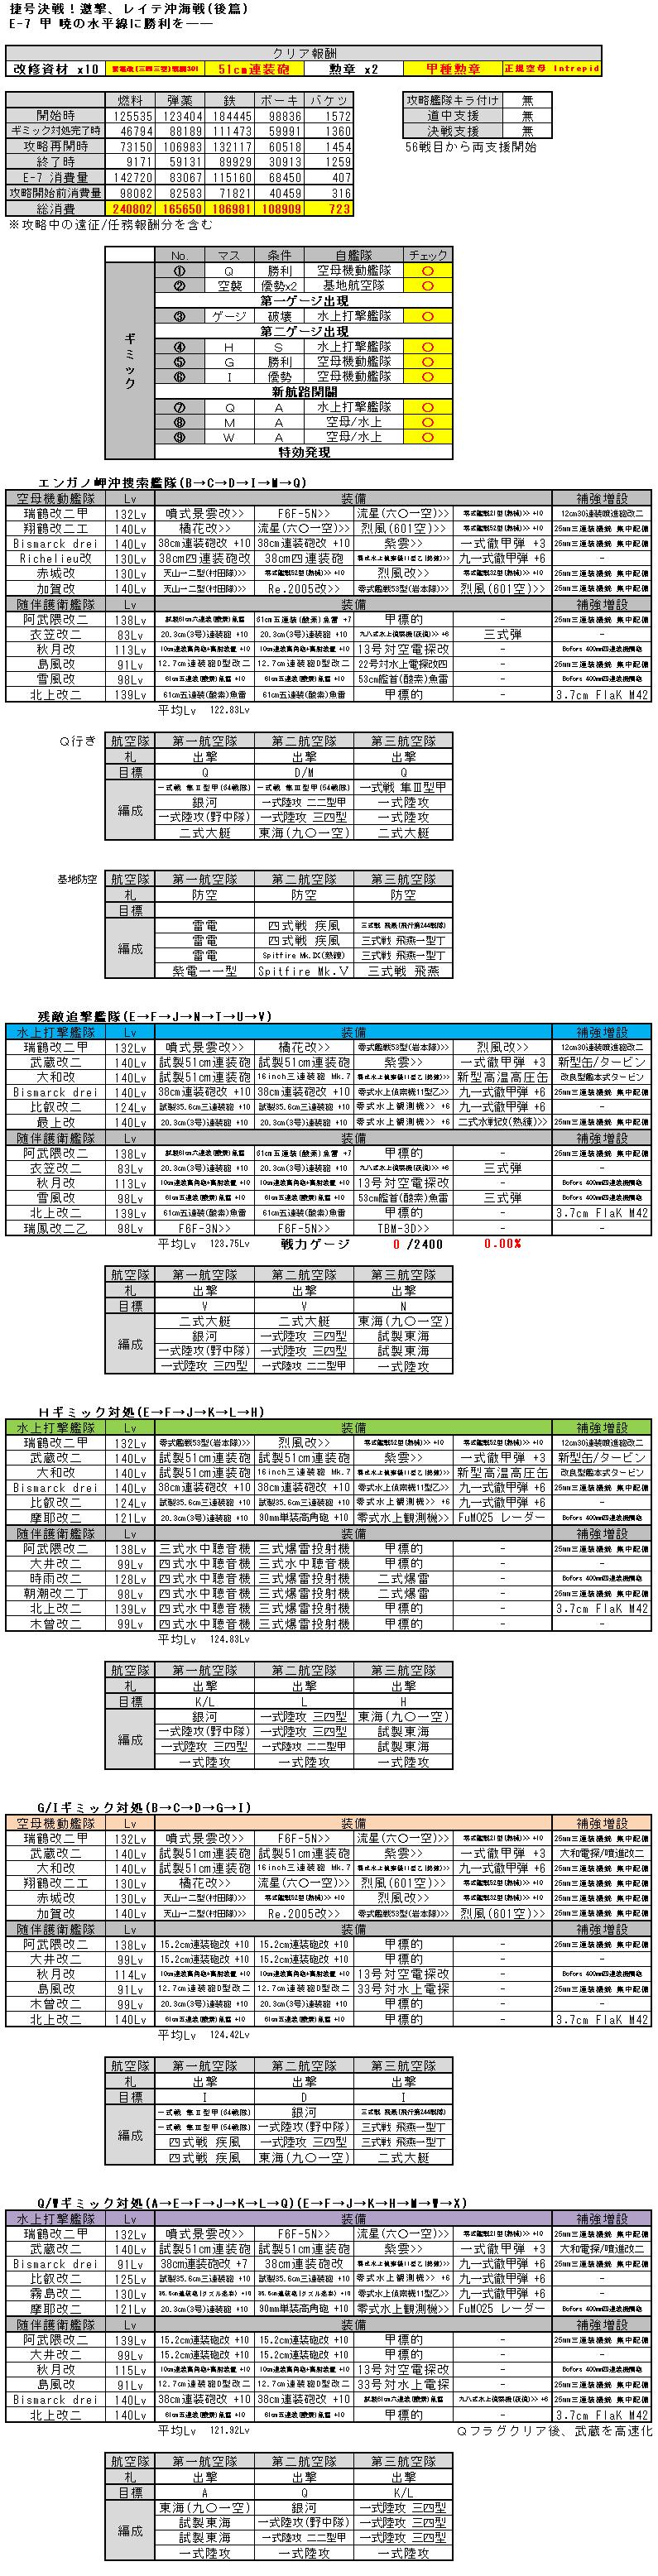 201802 E-7甲 リザルト01